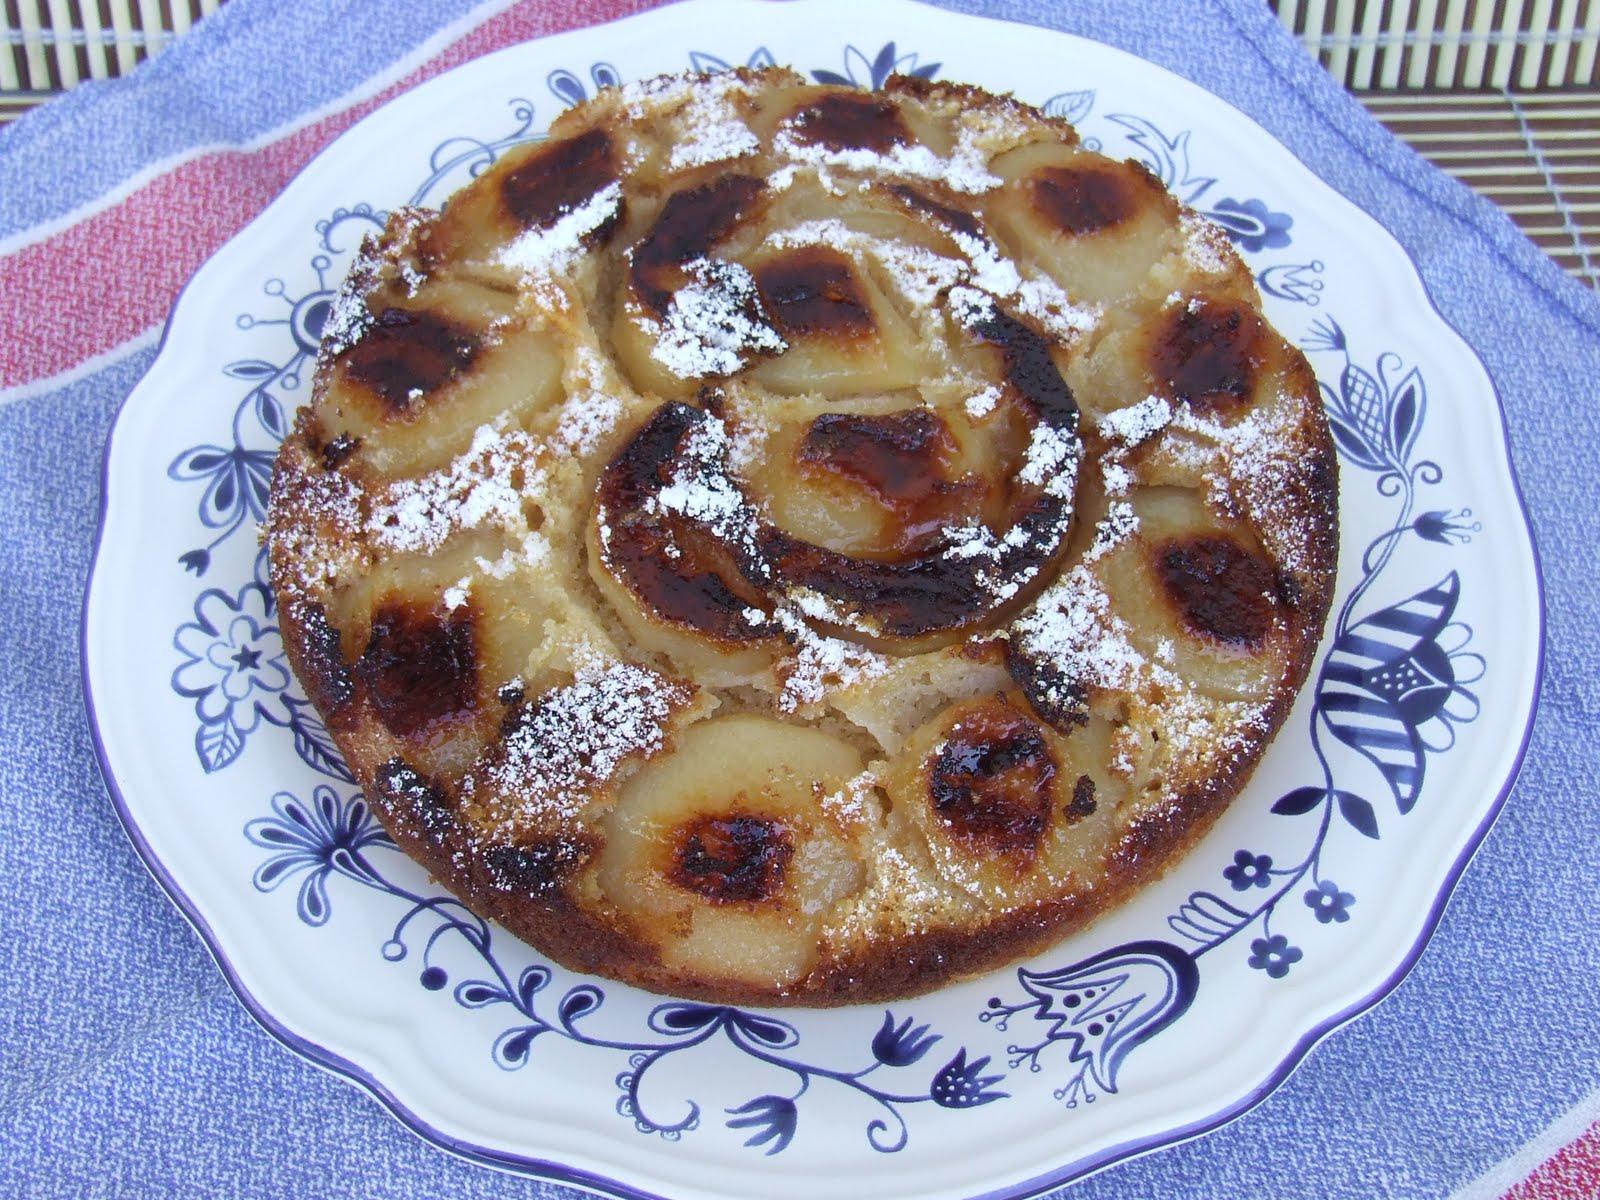 I dolci di mimi 39 cosa cuoce in pentola ma la torta - Cosa cucinare oggi a pranzo ...